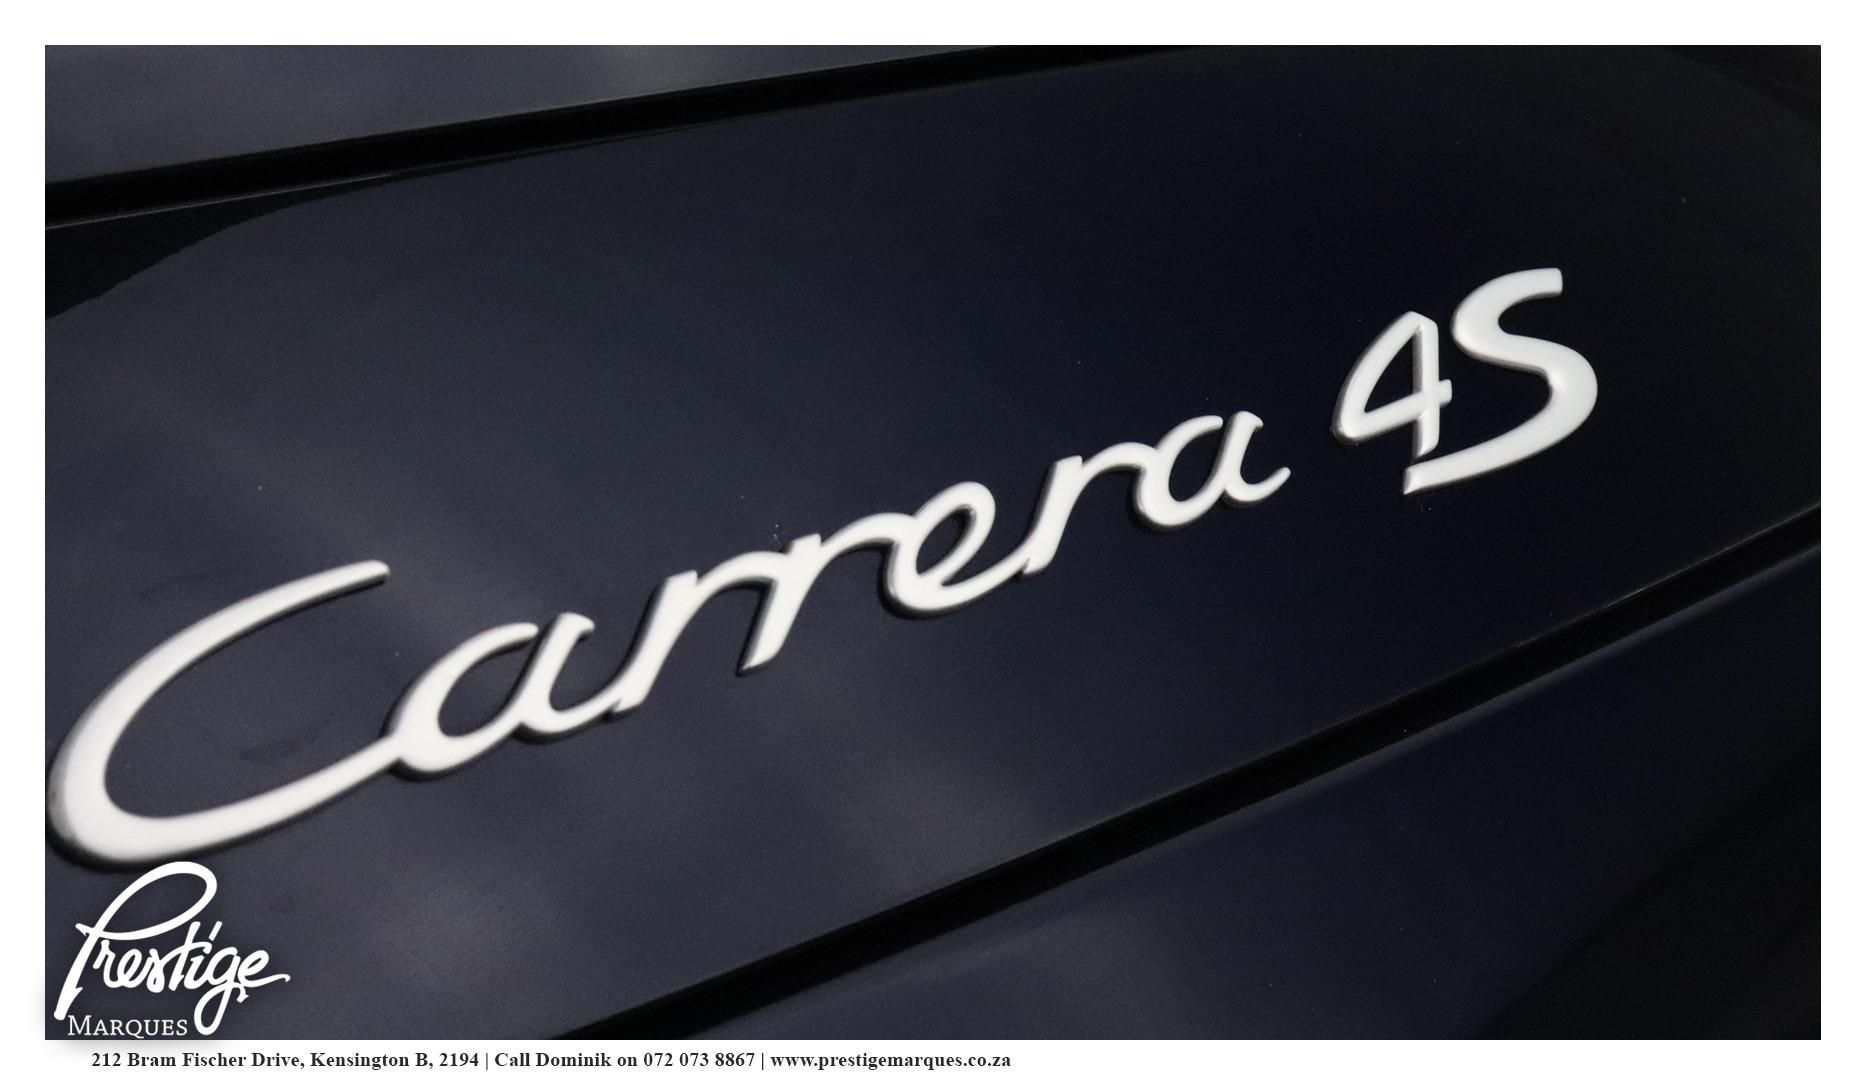 2007-Porsche-911-997-Carerra-4s-manual-prestige-marques-randburg-sandton-10